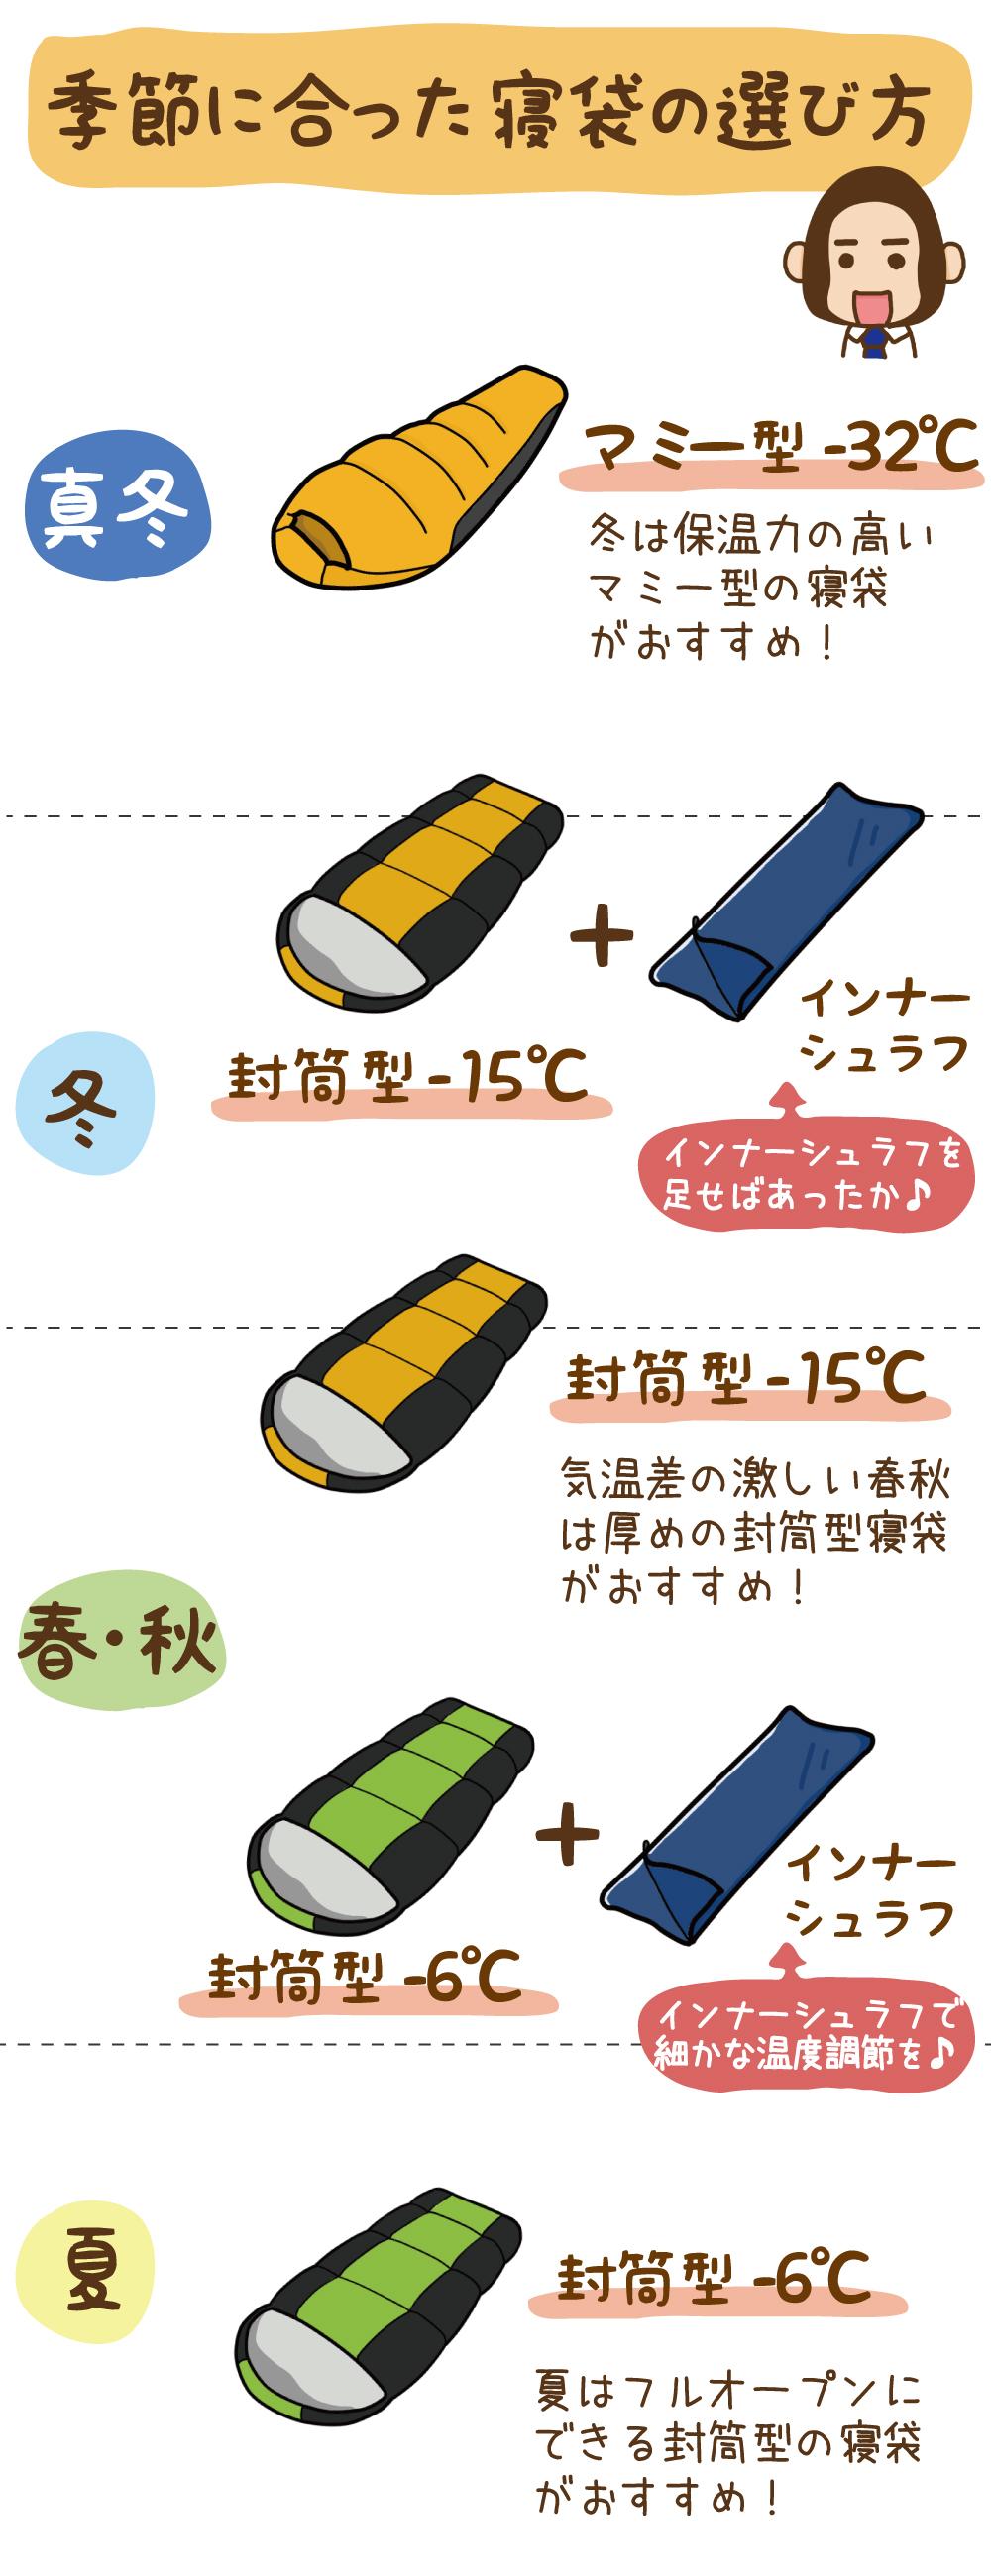 季節に合った寝袋の選び方|真冬:マミー型-32度|冬:封筒型-15度+インナーシュラフ|春・秋:封筒型-15度・封筒型-6度+インナーシュラフ|夏:封筒型-6度